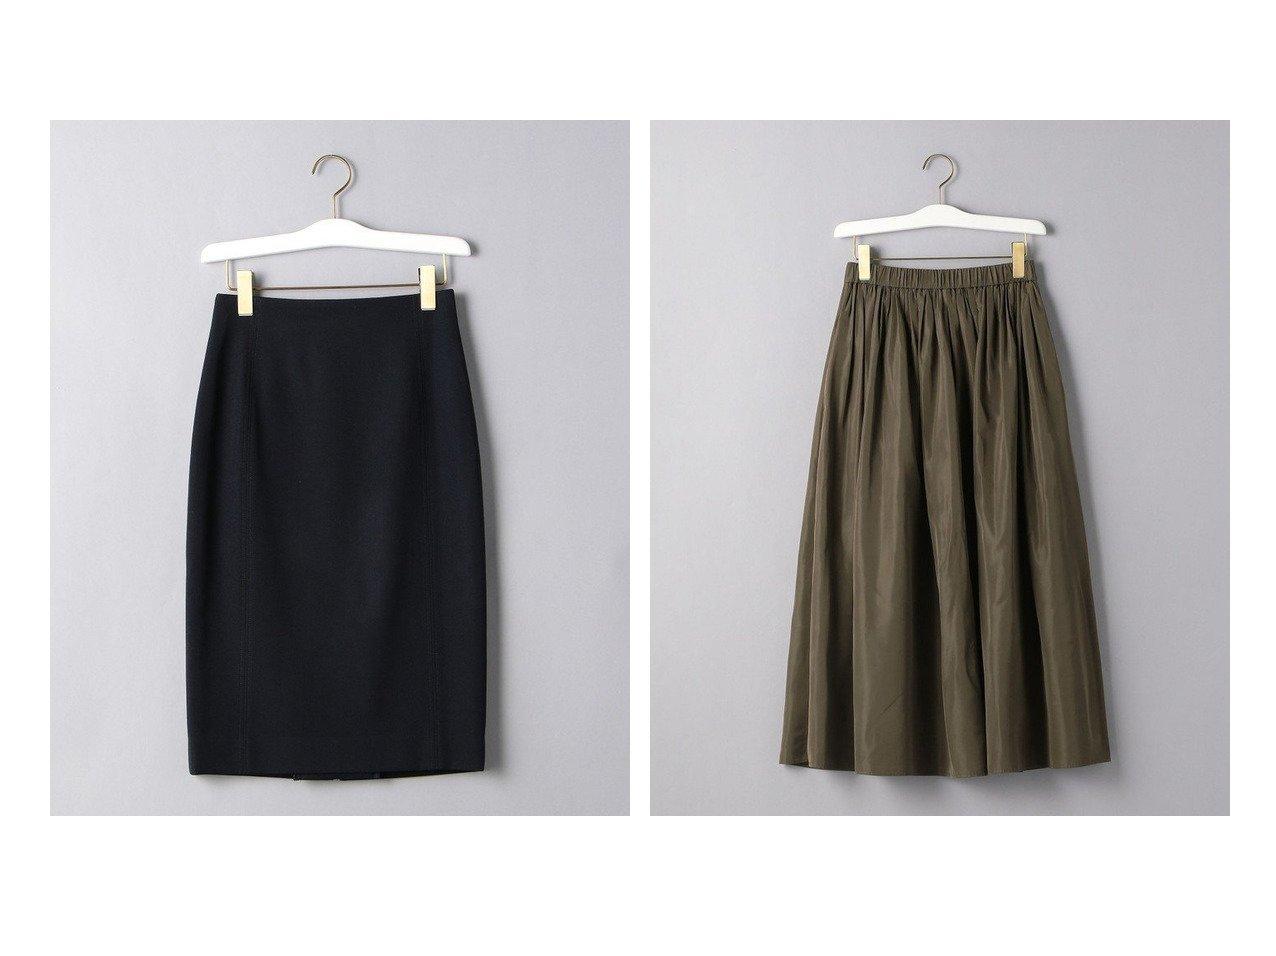 【UNITED ARROWS/ユナイテッドアローズ】のW ステッチ タイトスカート&UWFM タフタ ギャザー スカート スカートのおすすめ!人気、レディースファッションの通販 おすすめで人気のファッション通販商品 インテリア・家具・キッズファッション・メンズファッション・レディースファッション・服の通販 founy(ファニー) https://founy.com/ ファッション Fashion レディース WOMEN スカート Skirt Aライン/フレアスカート Flared A-Line Skirts シンプル タイトスカート ギャザー タフタ フェミニン フレア  ID:crp329100000001539